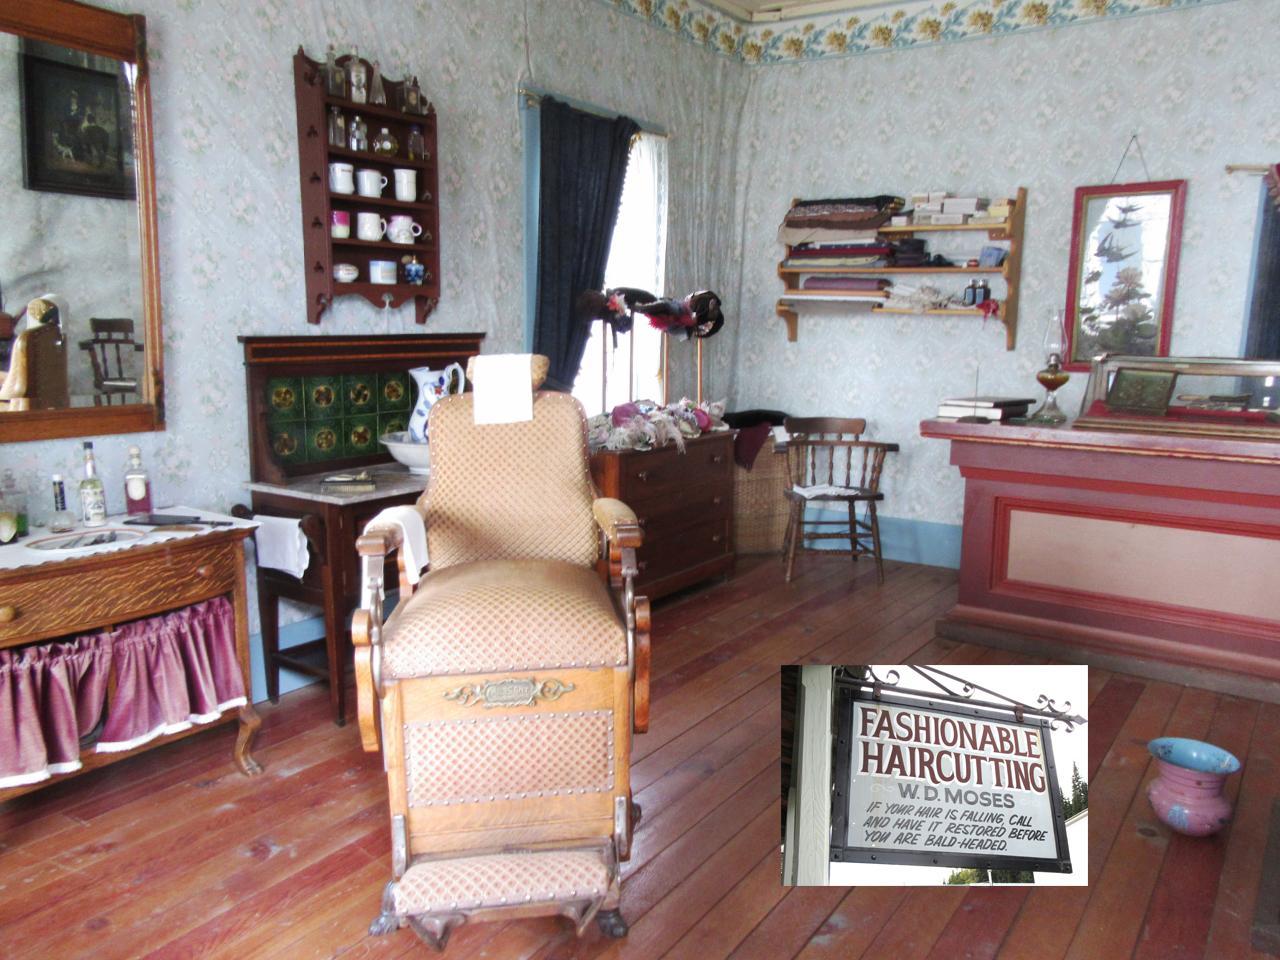 intérieur d'un salon de barbier